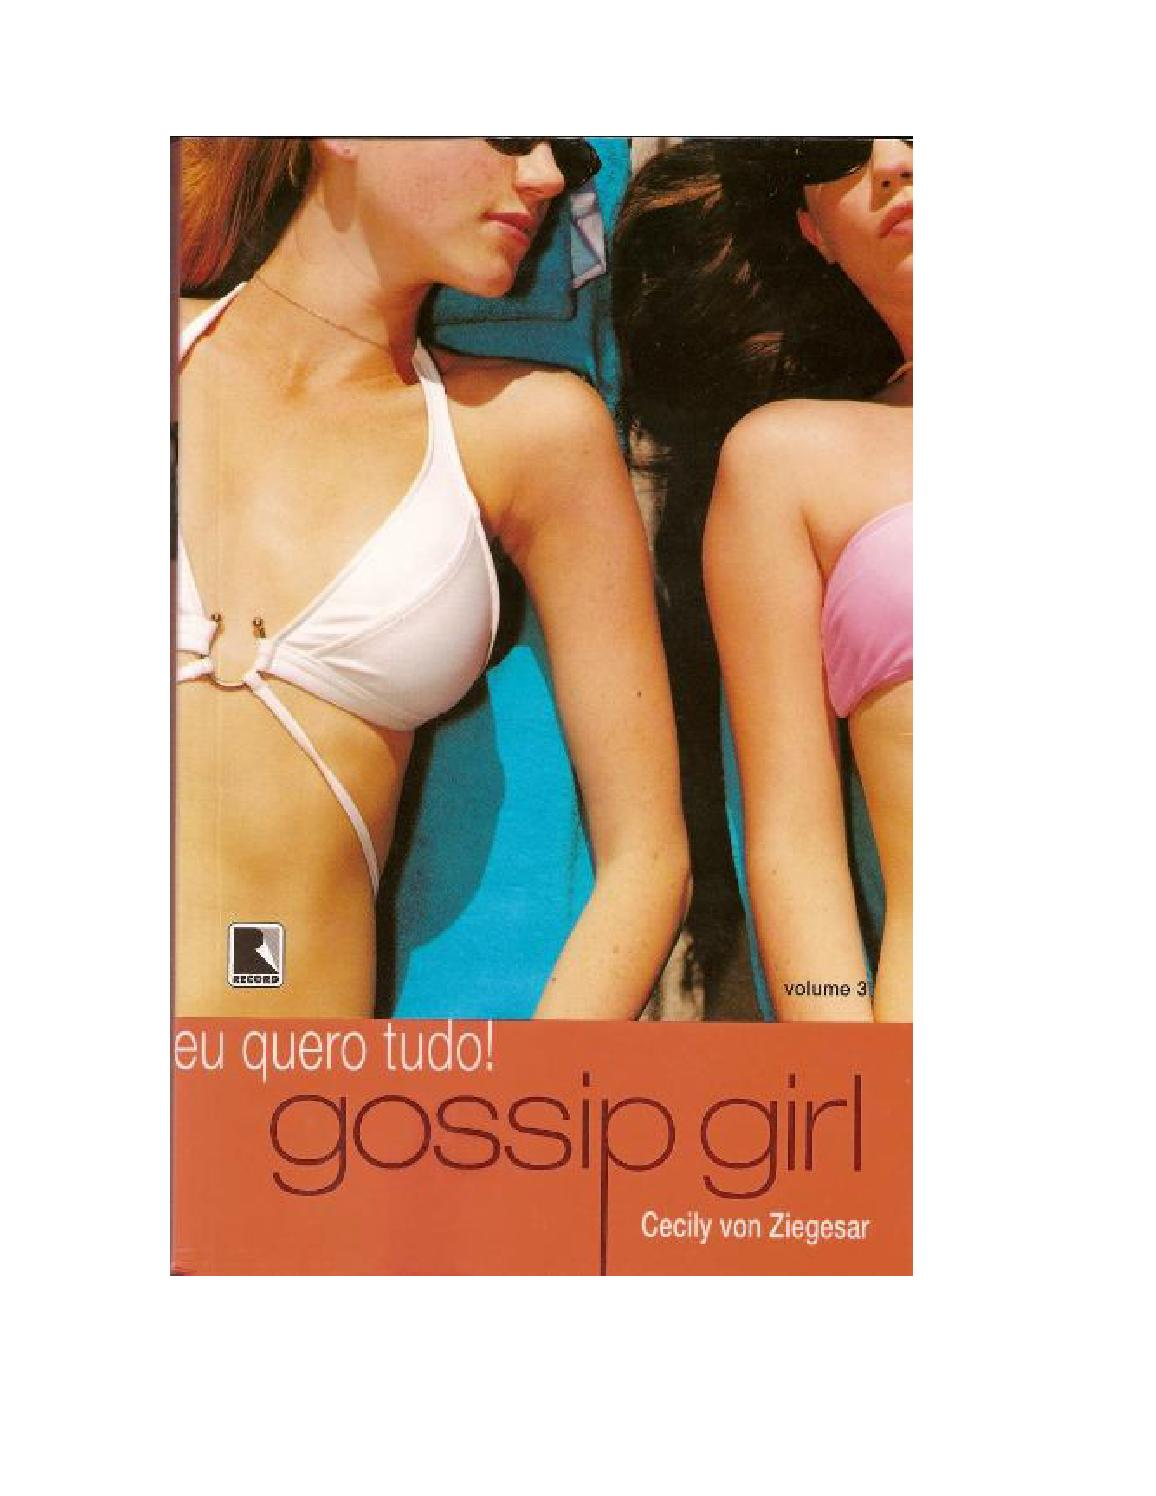 c8bd49f1f Cecily Von Ziegesar - Gossip Girl  03 Eu Quero Tudo by Gabriele - issuu